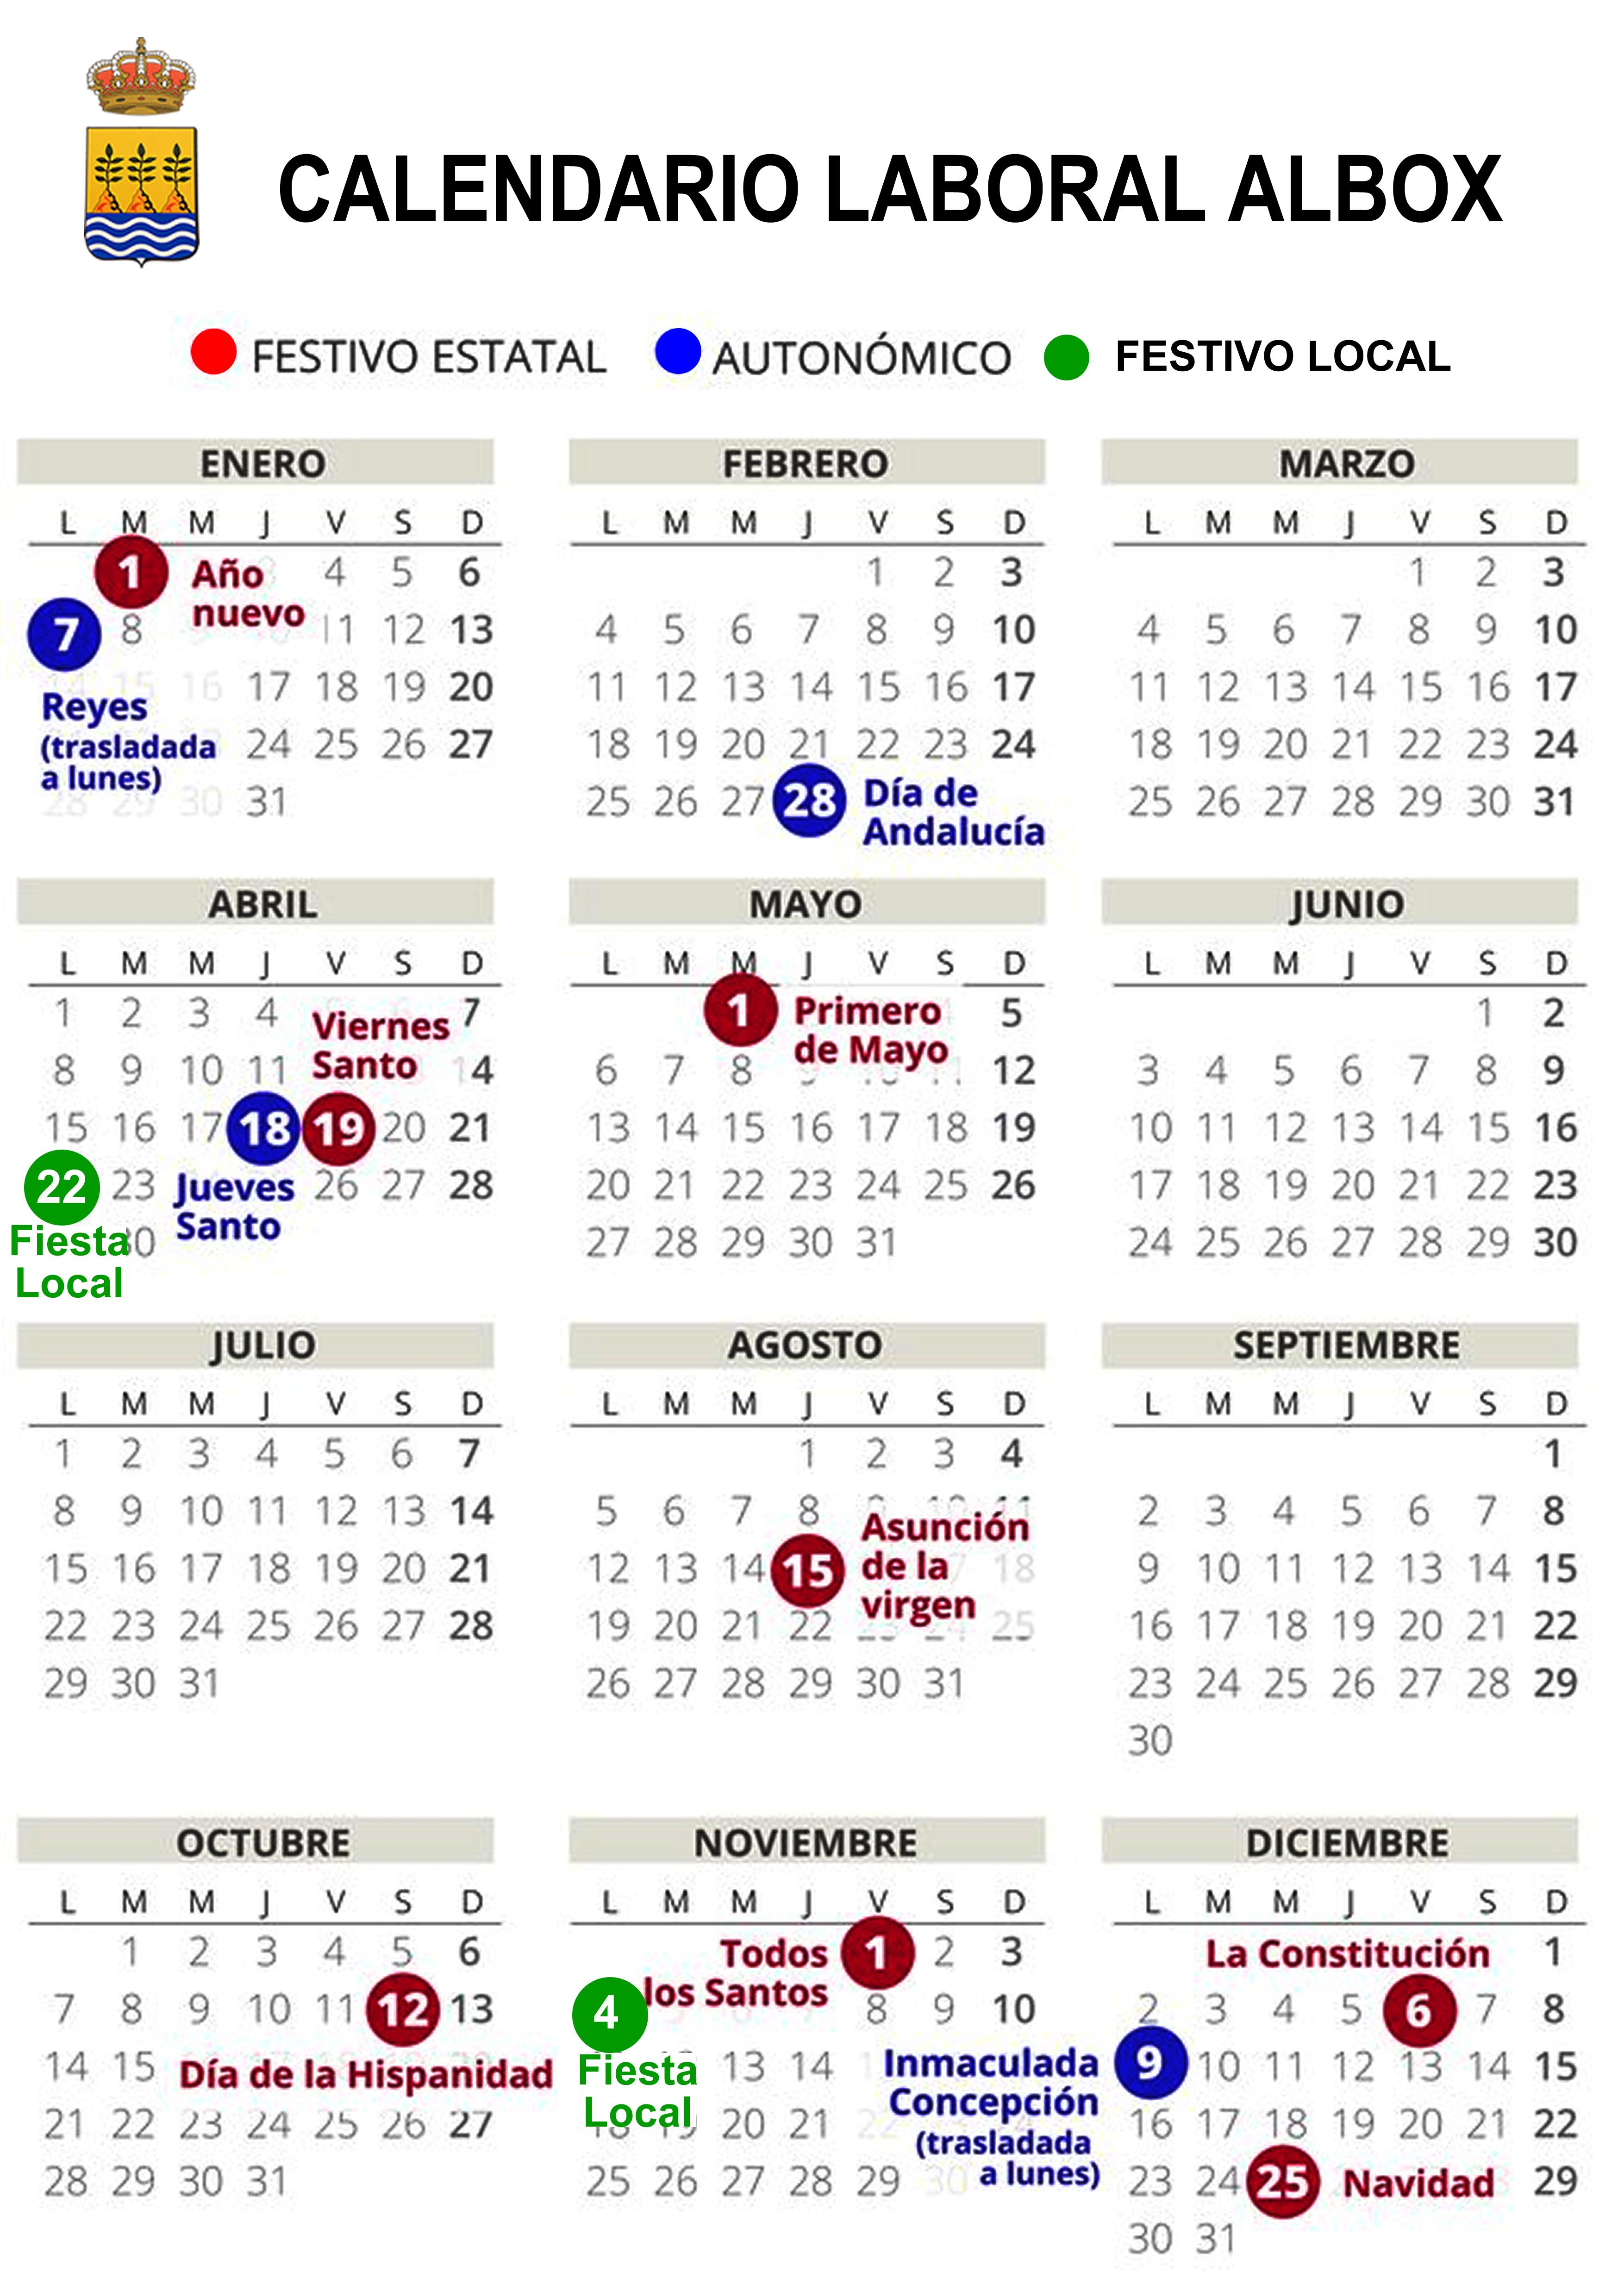 Calendario Festivo.Ayuntamiento De Albox Calendario Laboral Fiscal